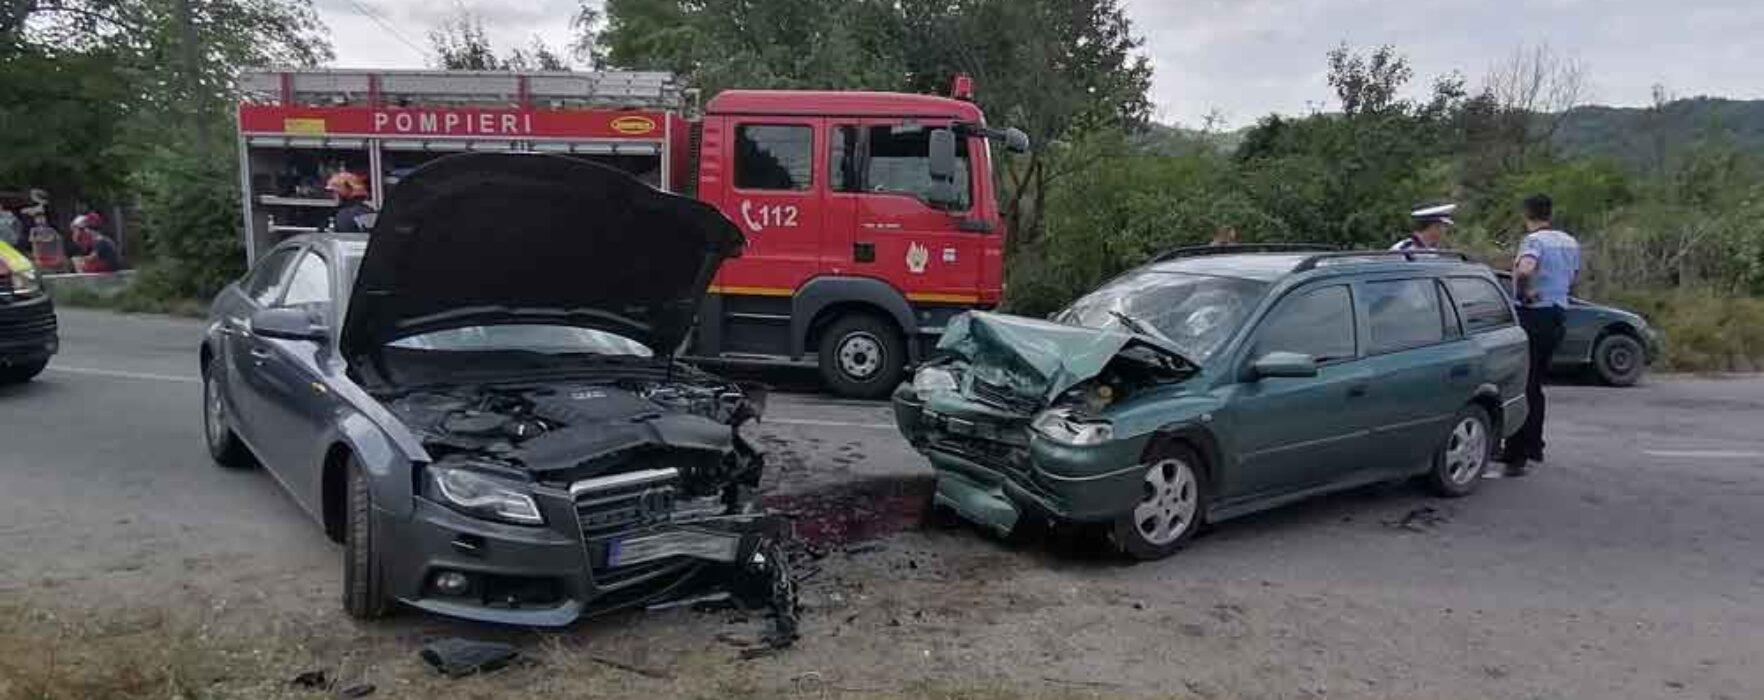 Dâmboviţa: Trei persoane rănite într-un accident la Iedera